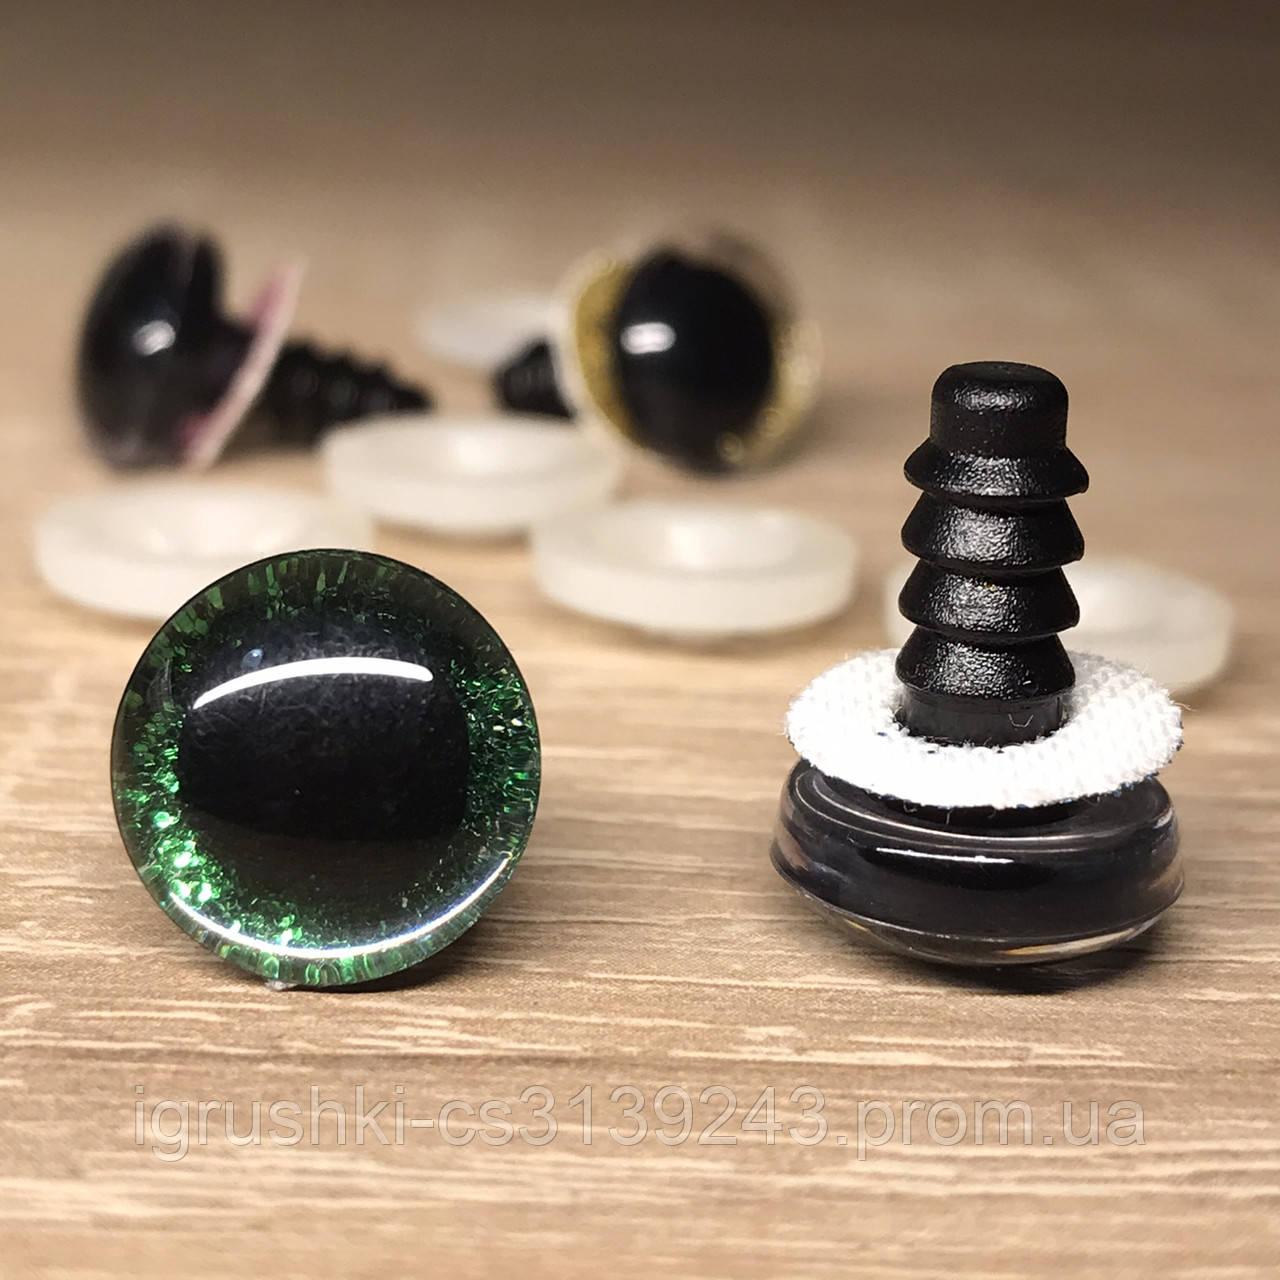 Блестящие глазки для игрушек 12 мм Зеленые